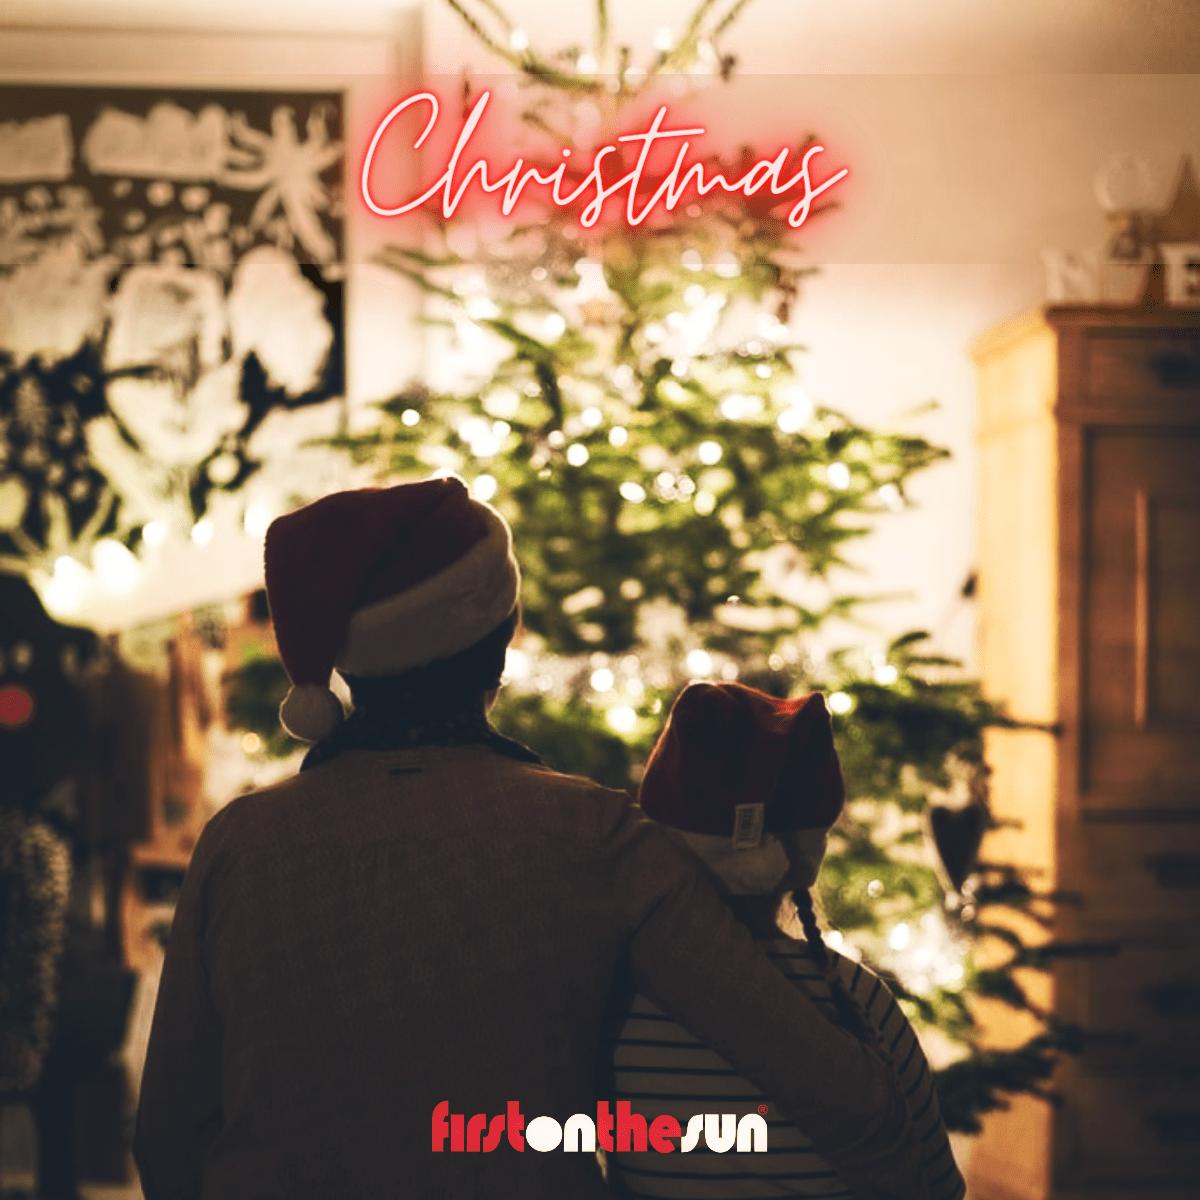 Mann mit Kind im Arm vor einem Weihnachtsbaum mit Christmas Beschriftung. Symbolbild für spirituelle Adventskalender mit Edelsteinen und Kristallen